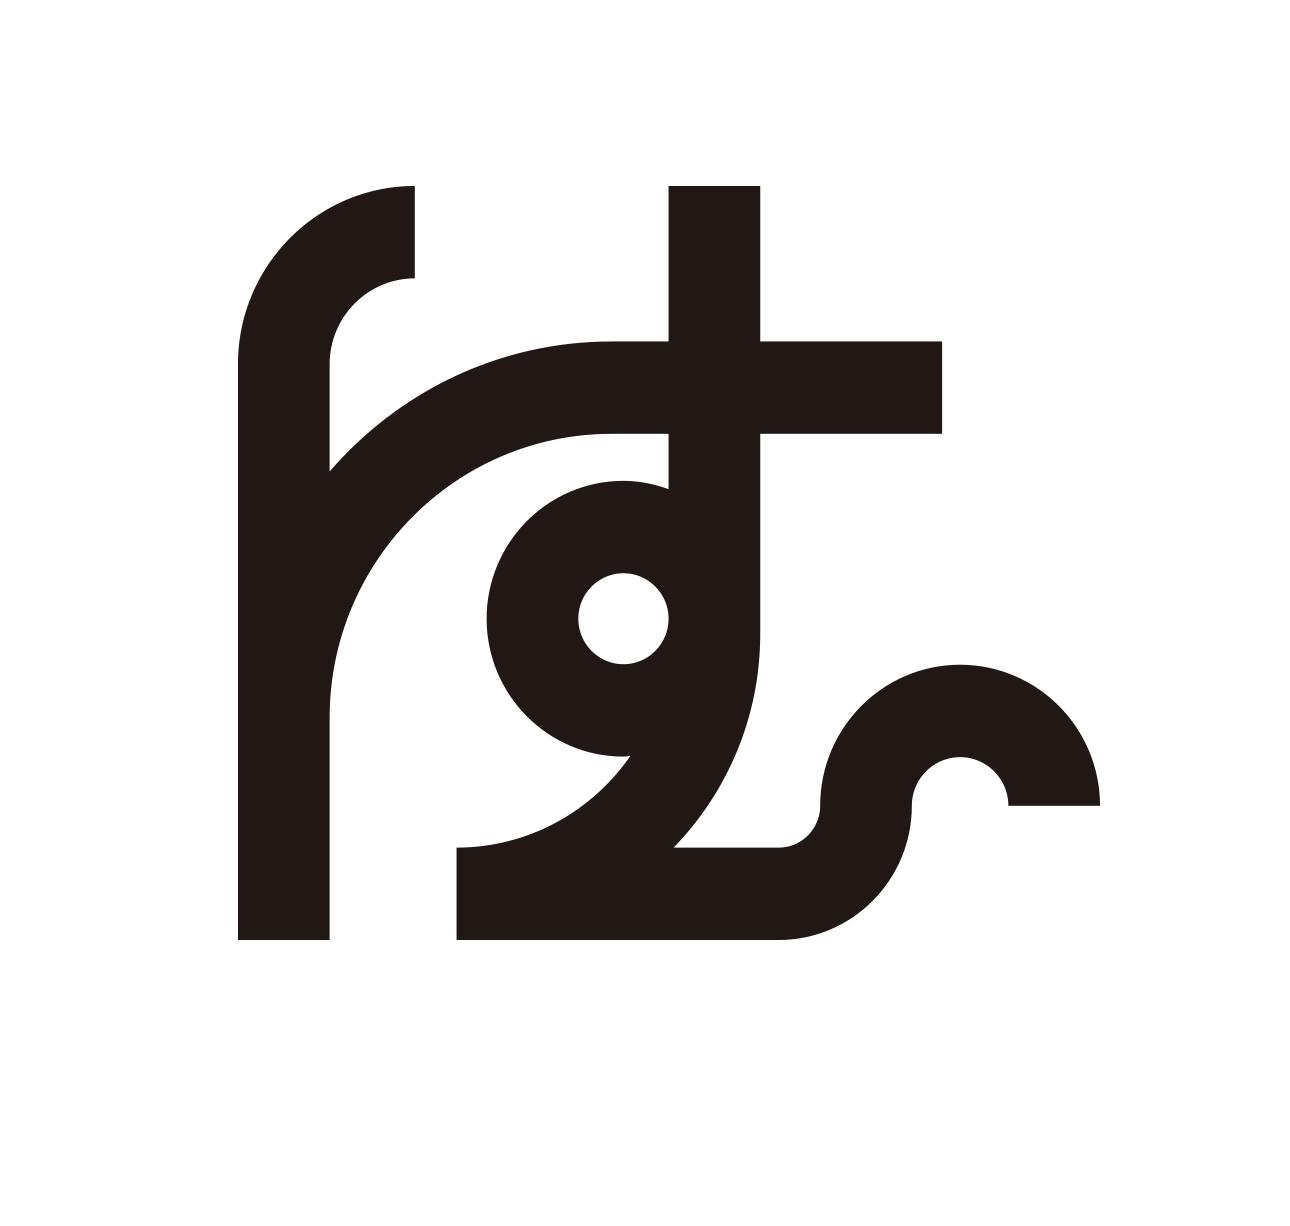 【岳昕字体设计专栏】——创意字体设计(二十八) 每周